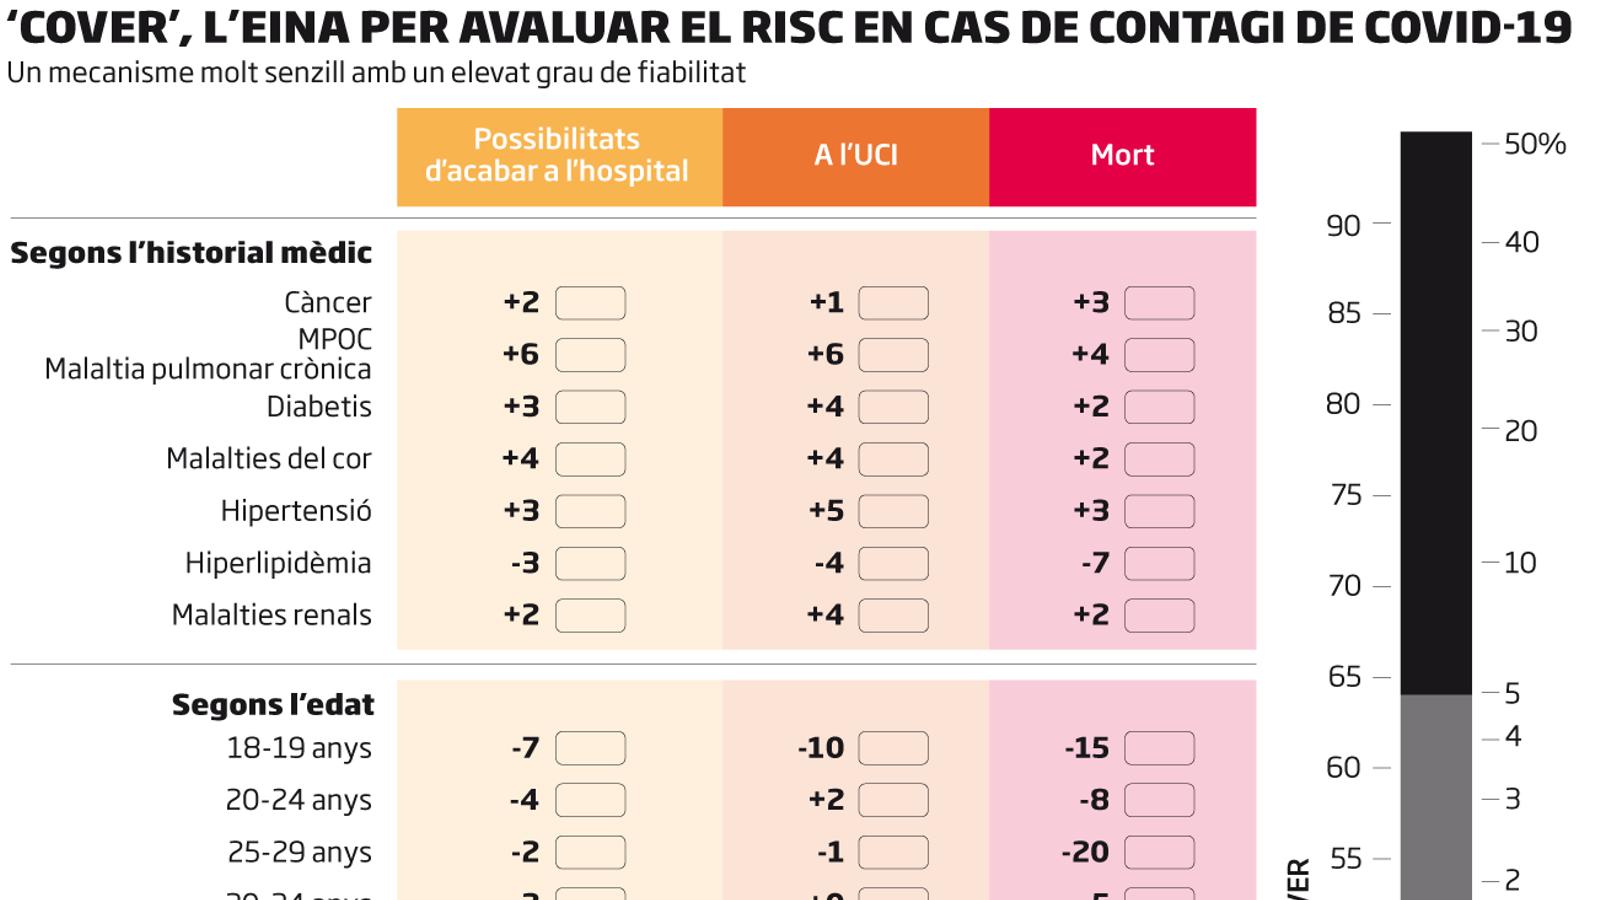 Cliqueu a l'eina que prediu els riscos del covid-19, congelada pel CatSalut